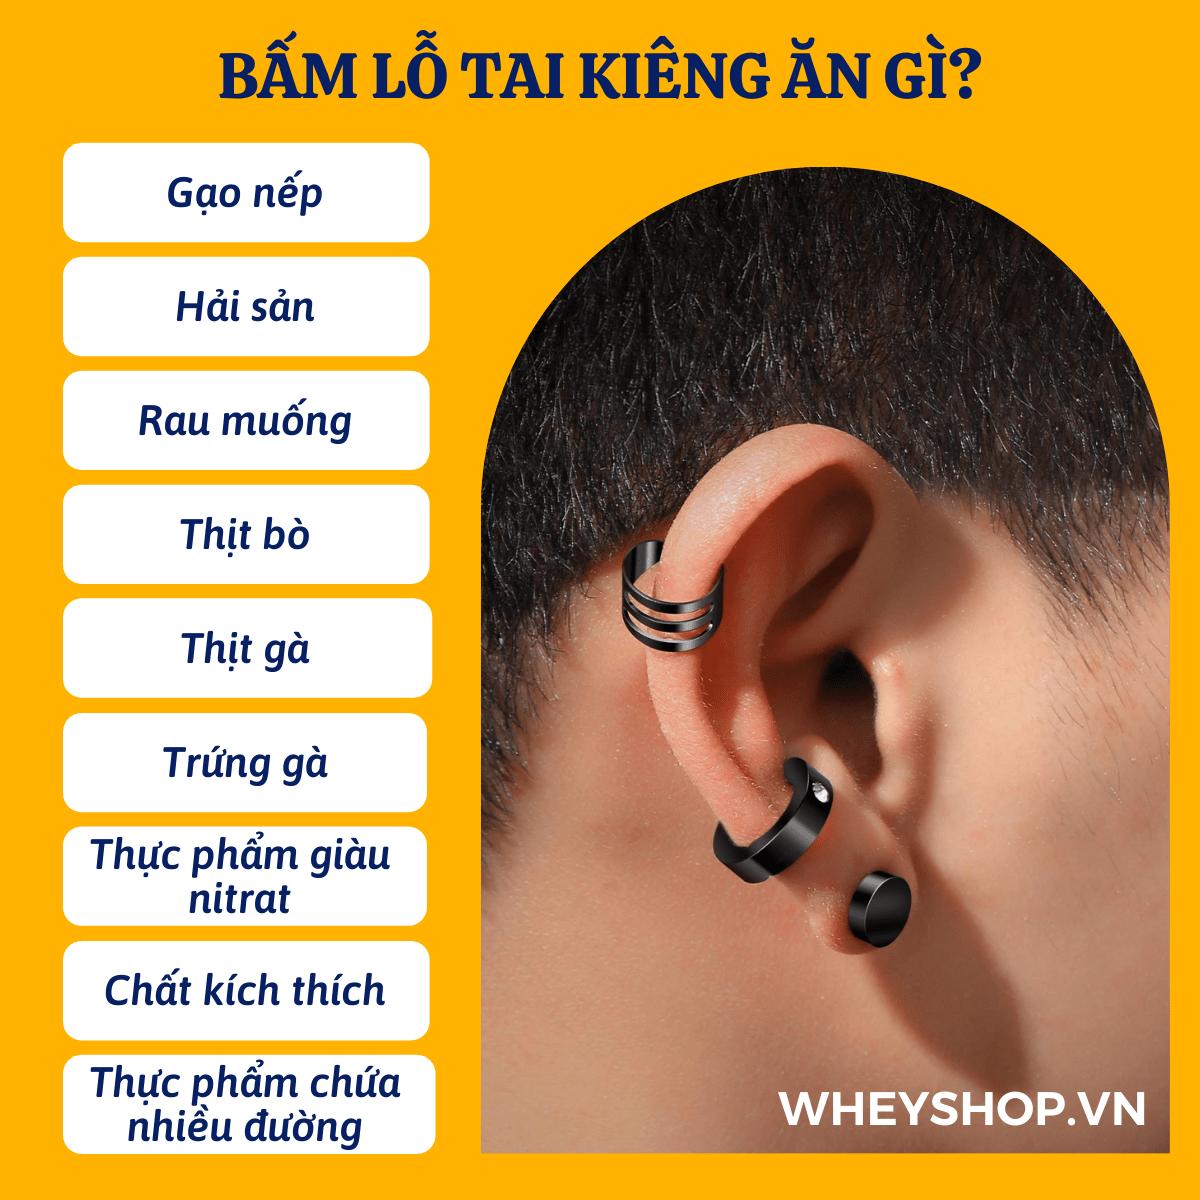 Bấm lỗ tai làm đẹp rất phổ biến hiện nay với mọi người. Tuy nhiên bấm lỗ tai kiêng ăn gì thì chắc hẳn nhiều người chưa rõ? Bài viết dưới đây WheyShop sẽ giúp...